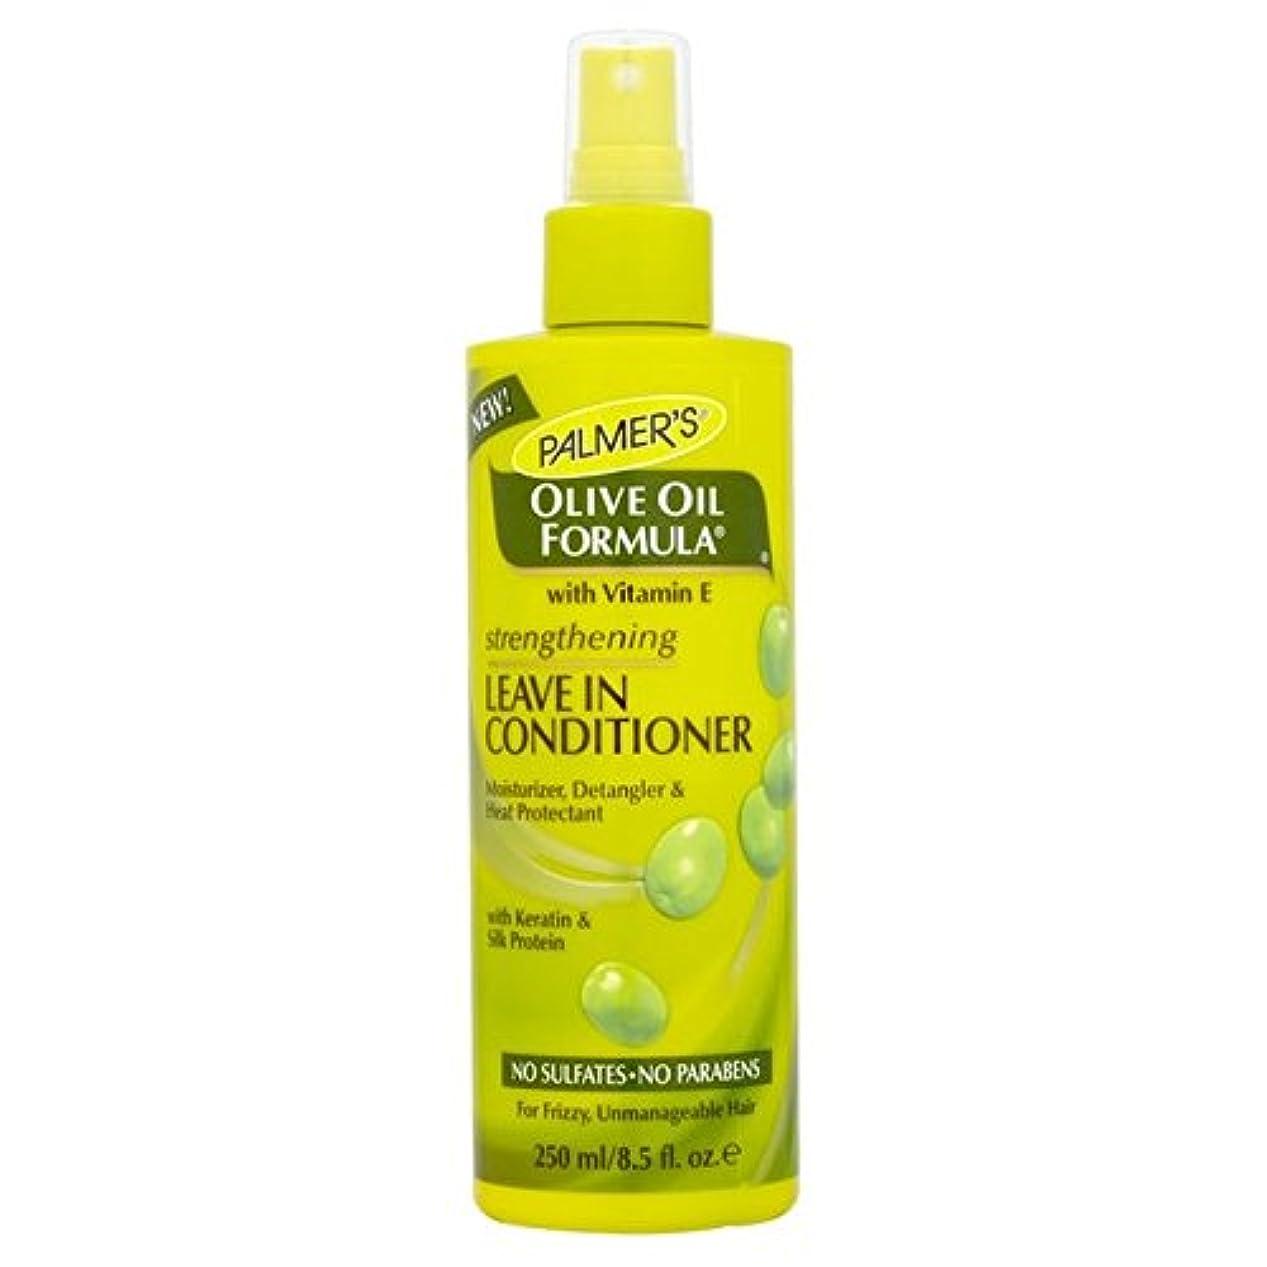 洗う慎重に闇リーブインコンディショナー250を強化パーマーのオリーブオイル式 x2 - Palmer's Olive Oil Formula Strengthening Leave-in Conditioner 250ml (Pack...